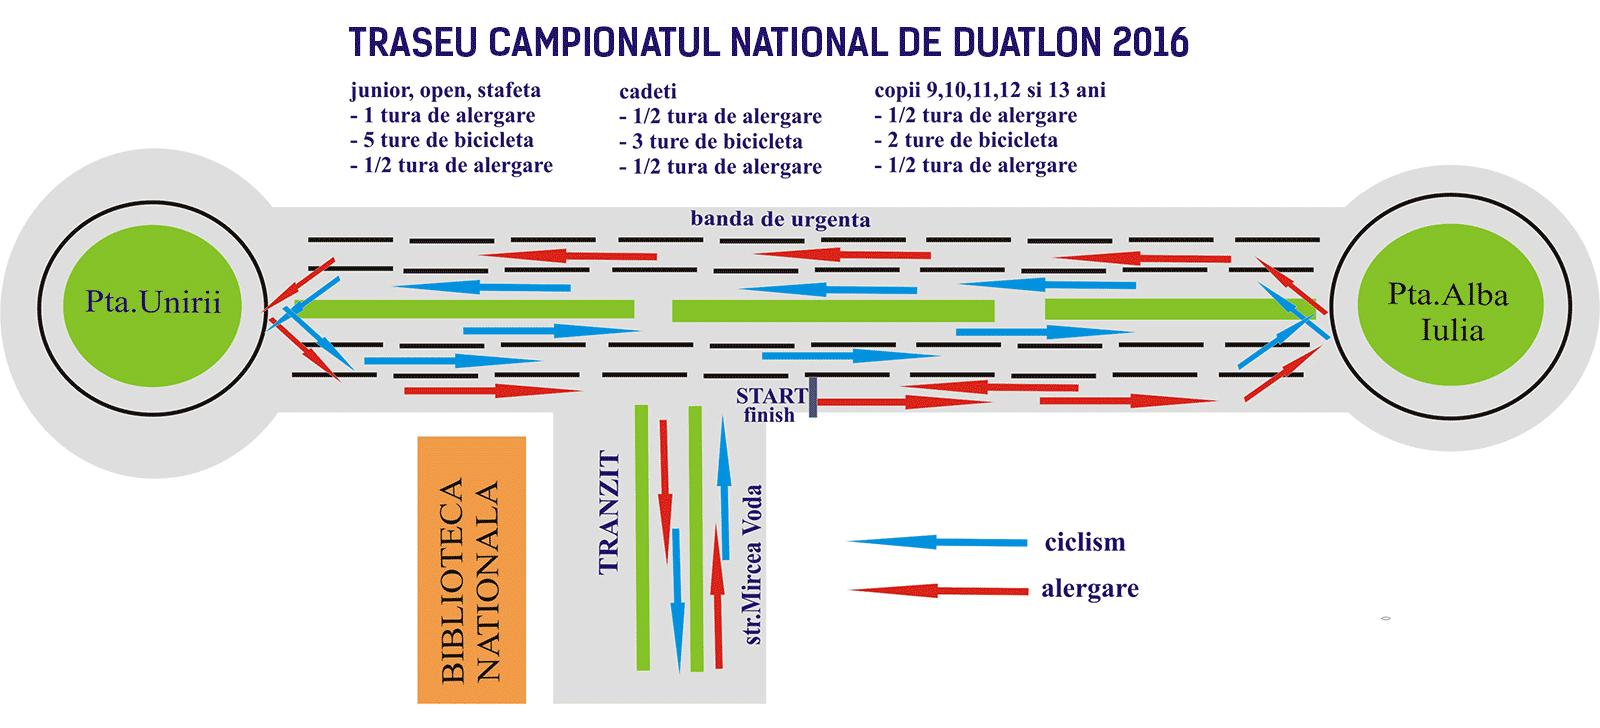 CN-Duathlon-2016-Traseu